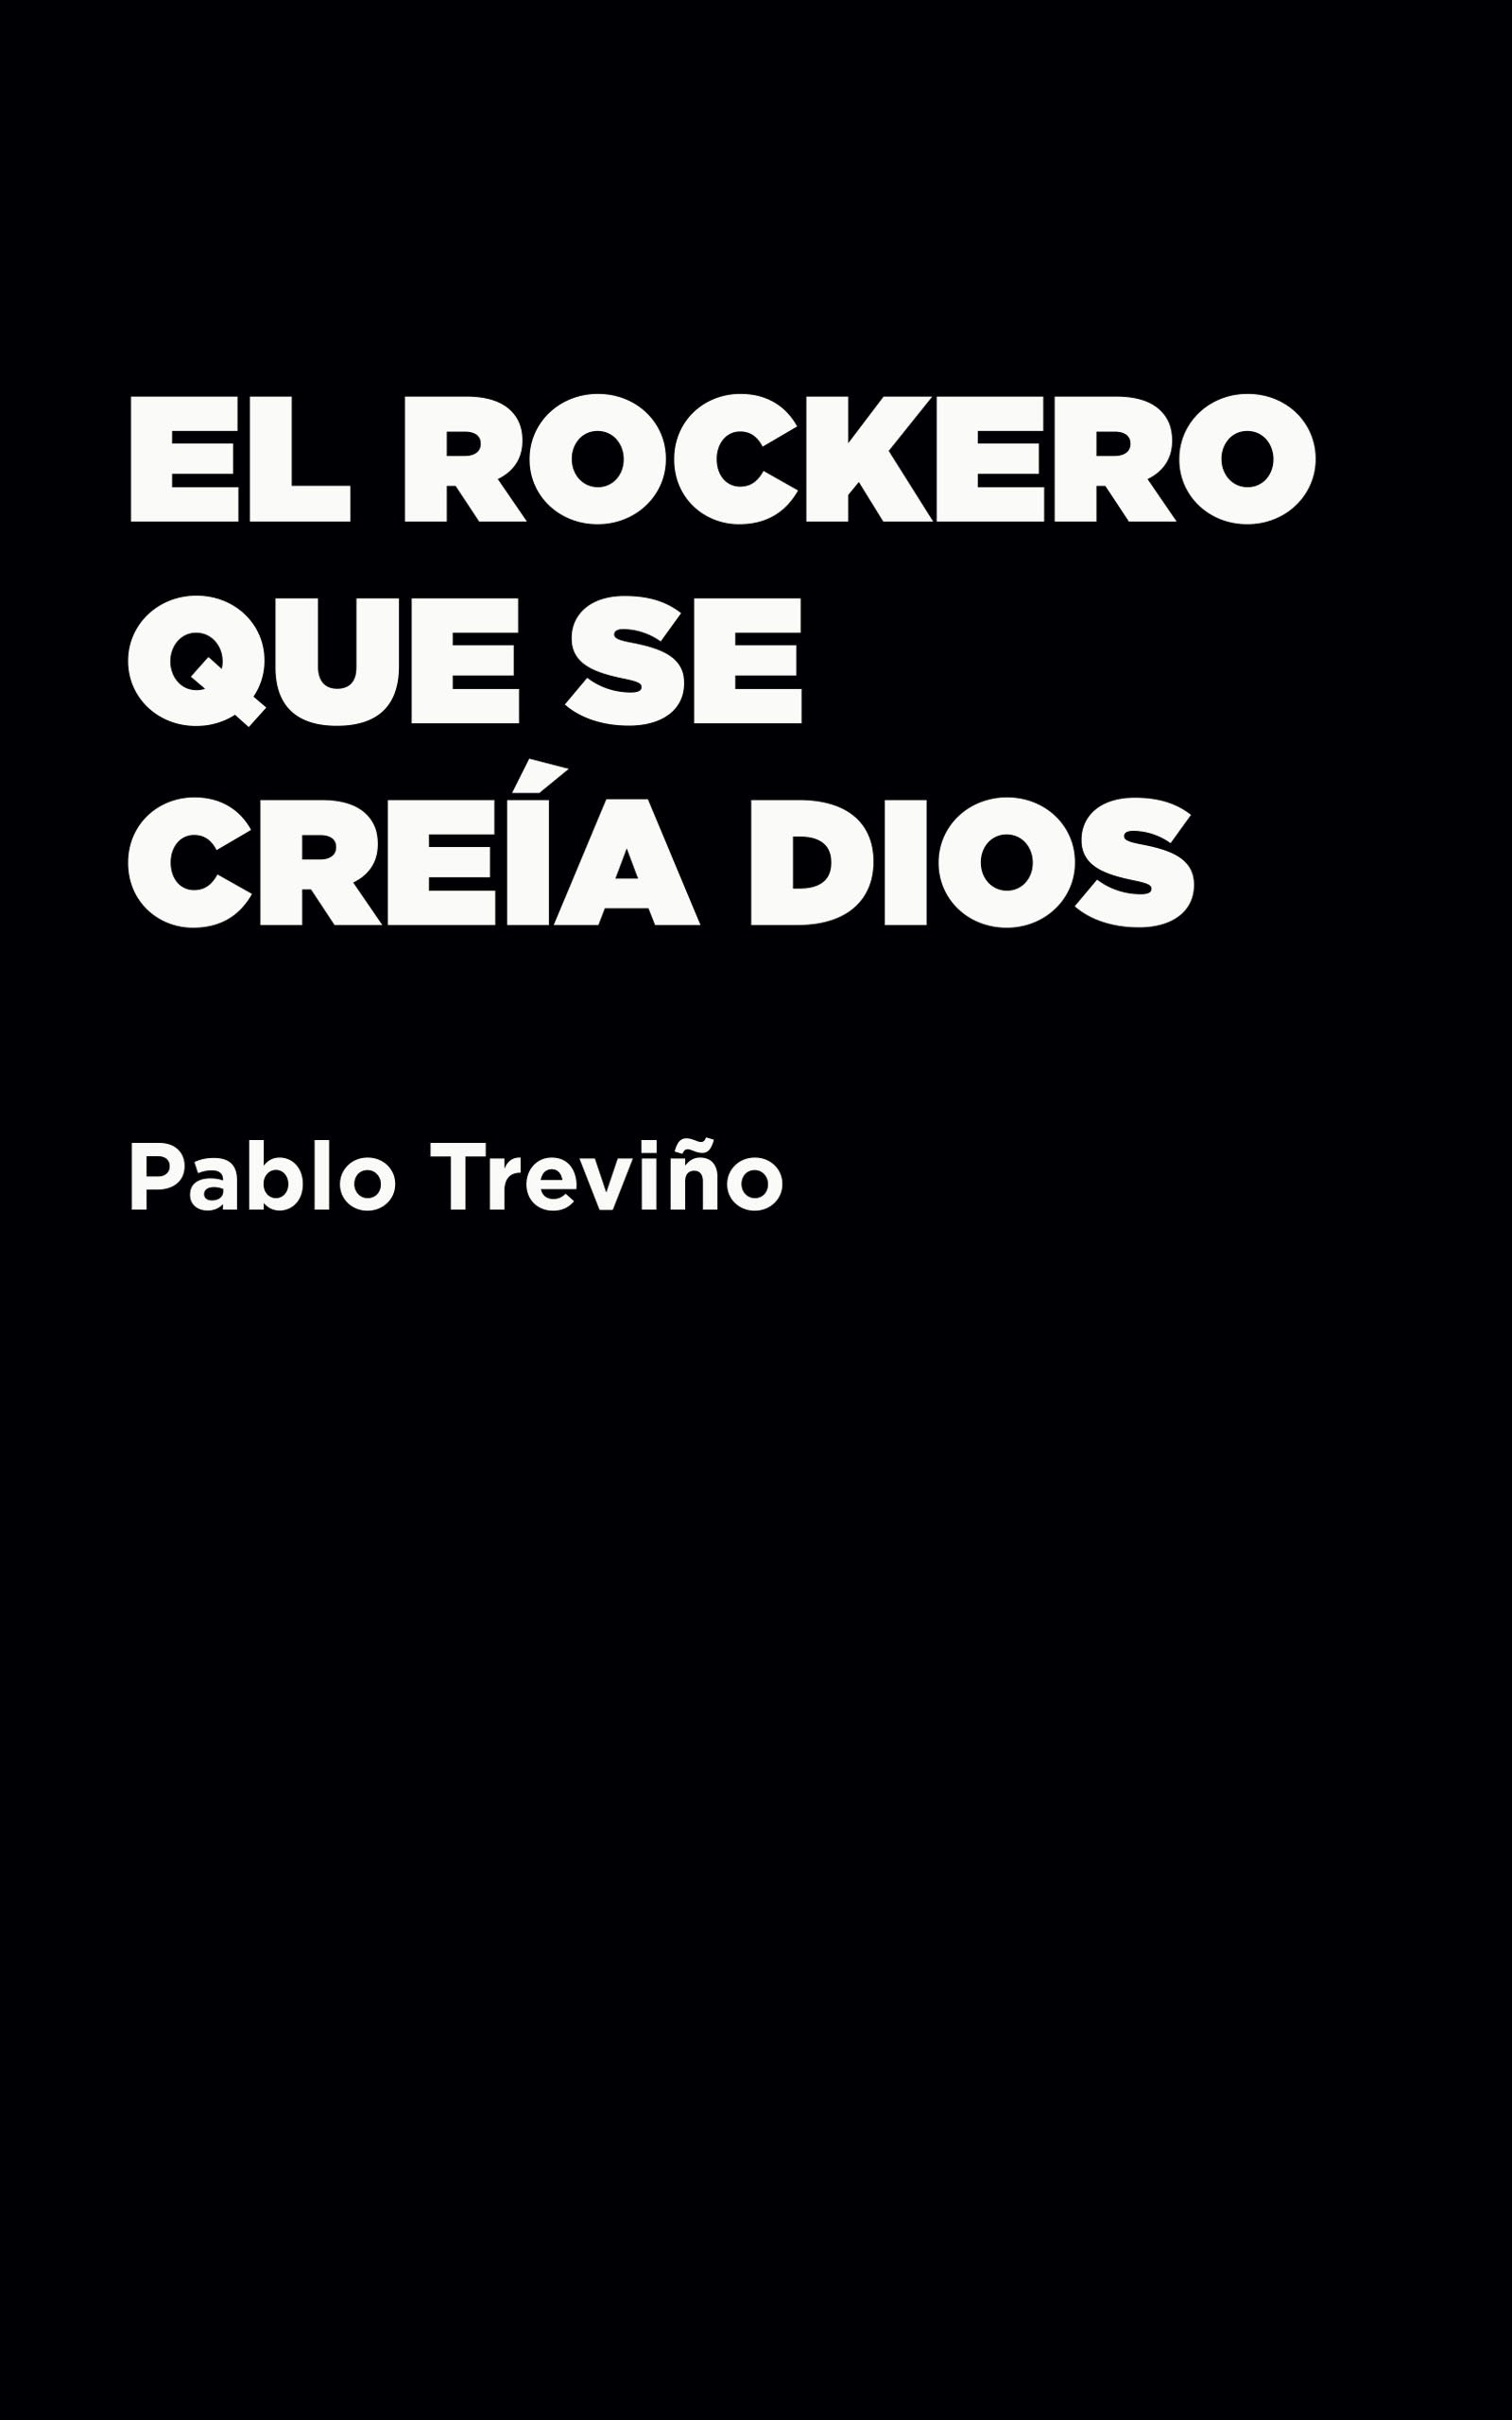 El rockero que se creía Dios, de Pablo Treviño